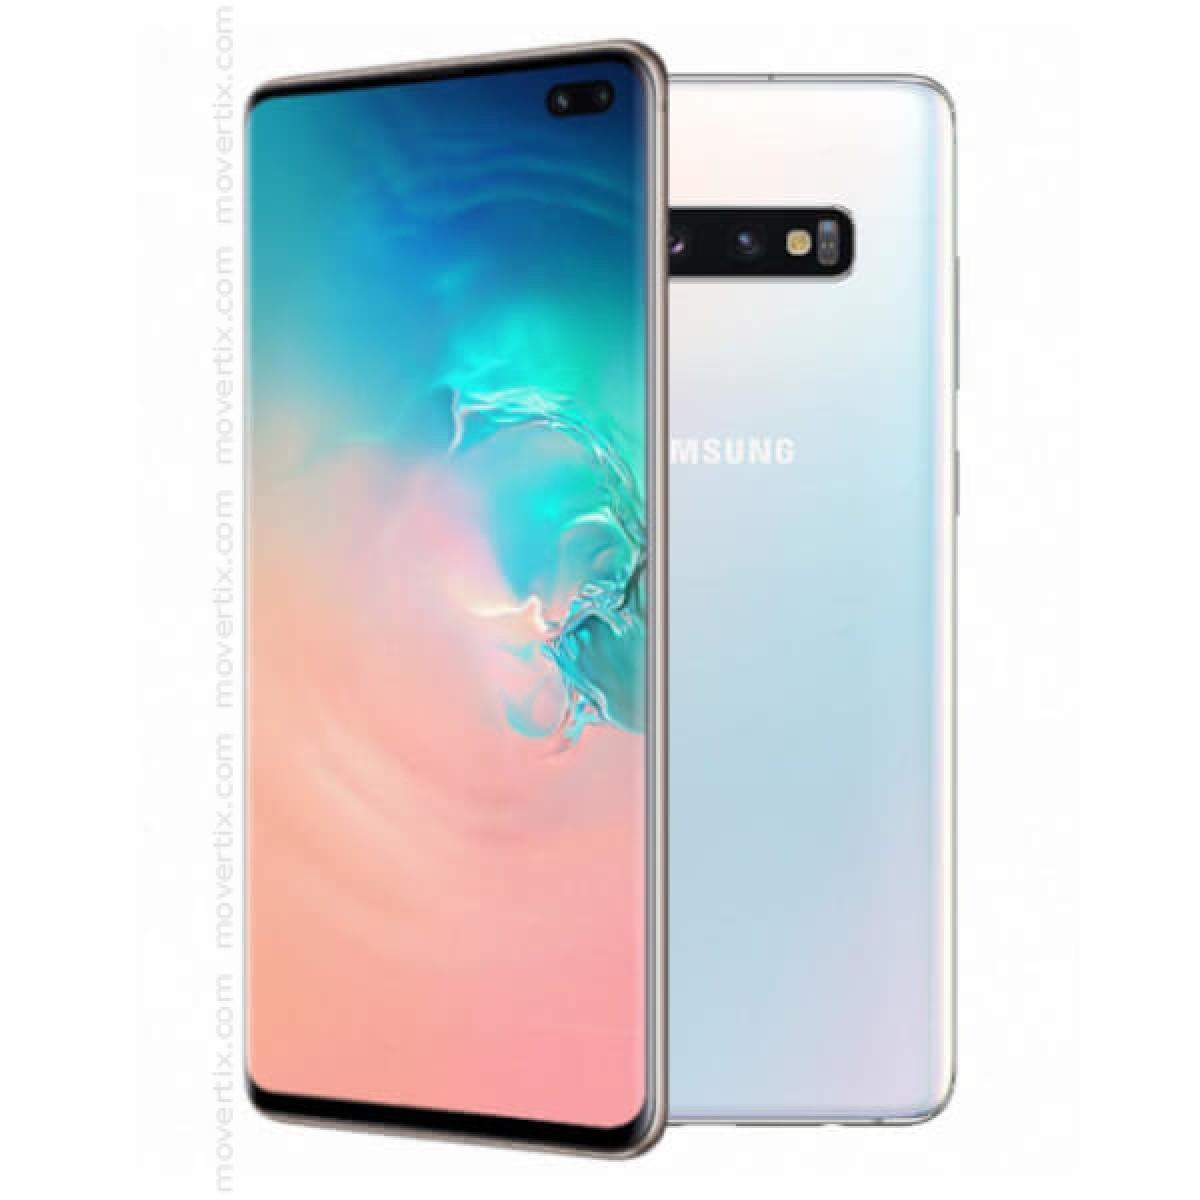 Samsung galaxy s10 for PUBG